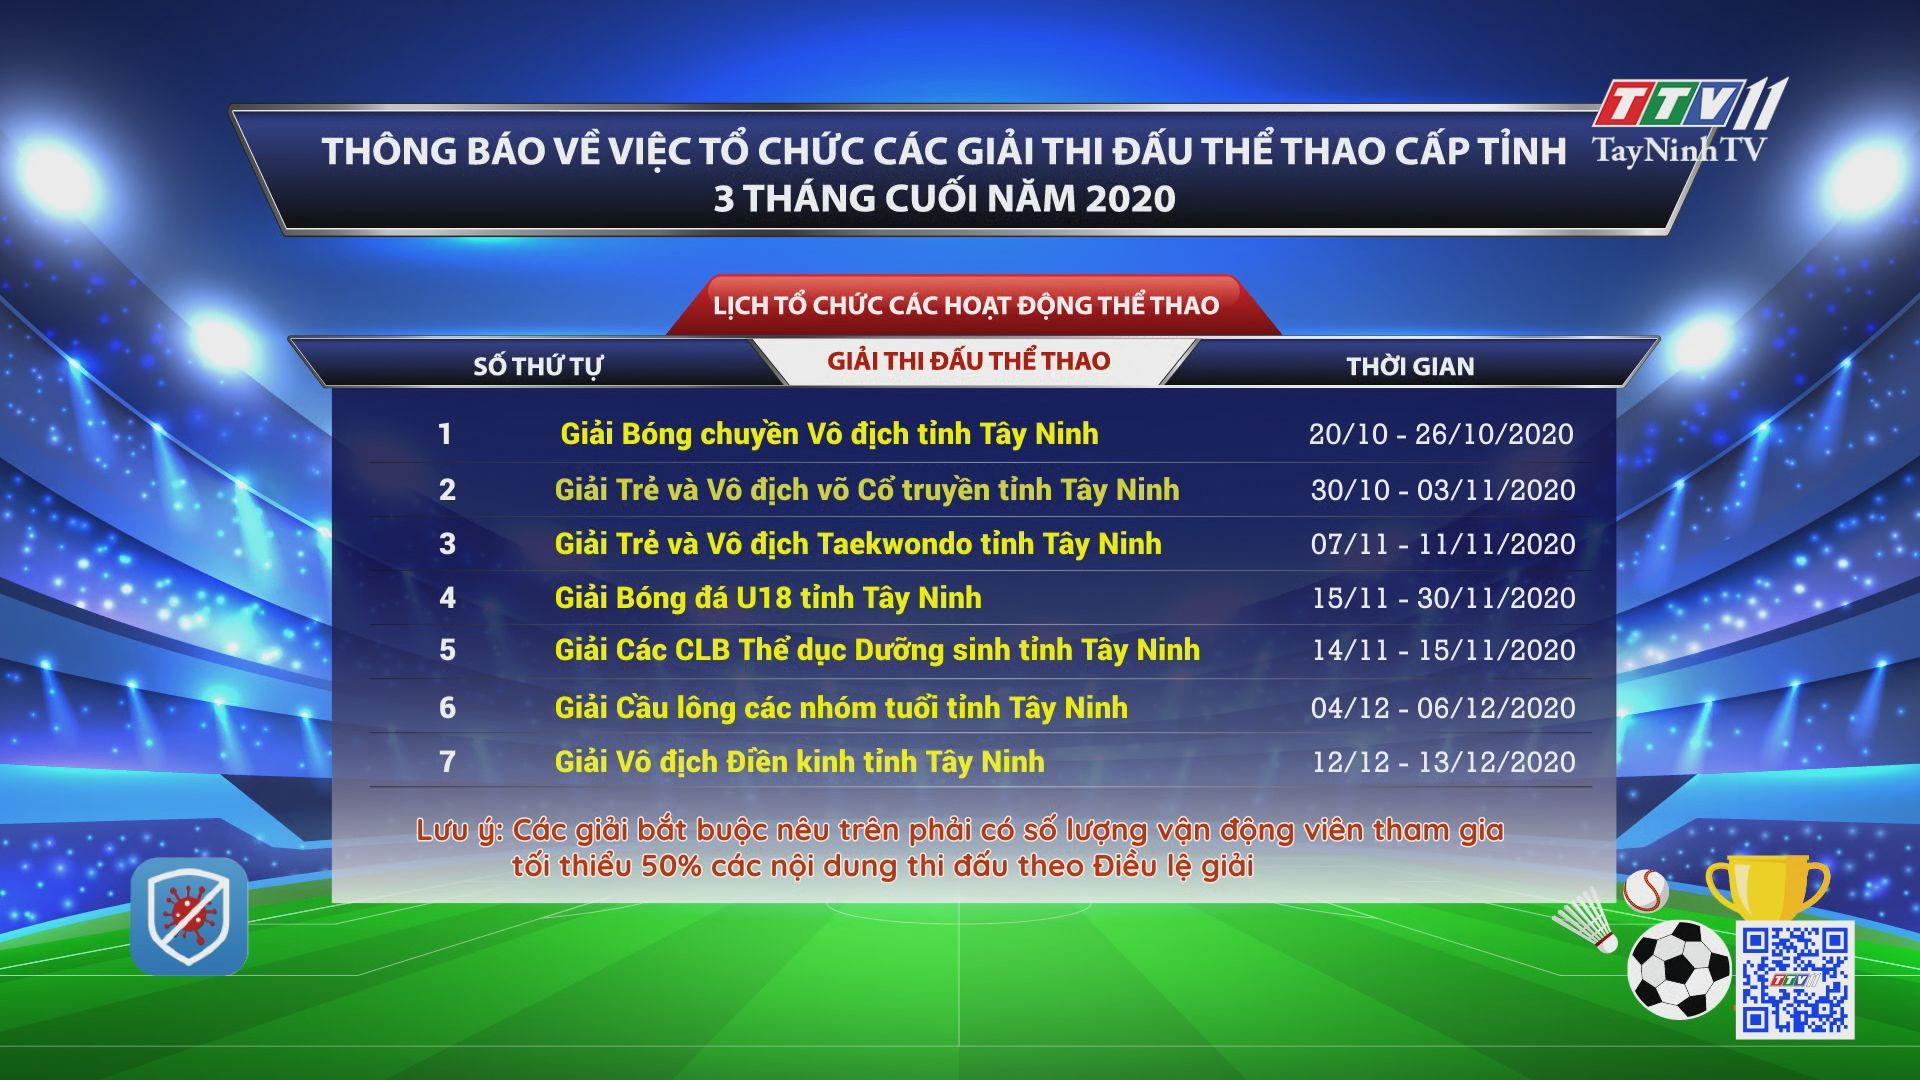 Thông báo về việc tổ chức các giải thi đấu thể thao cấp tỉnh 3 tháng cuối năm 2020 | TayNinhTV